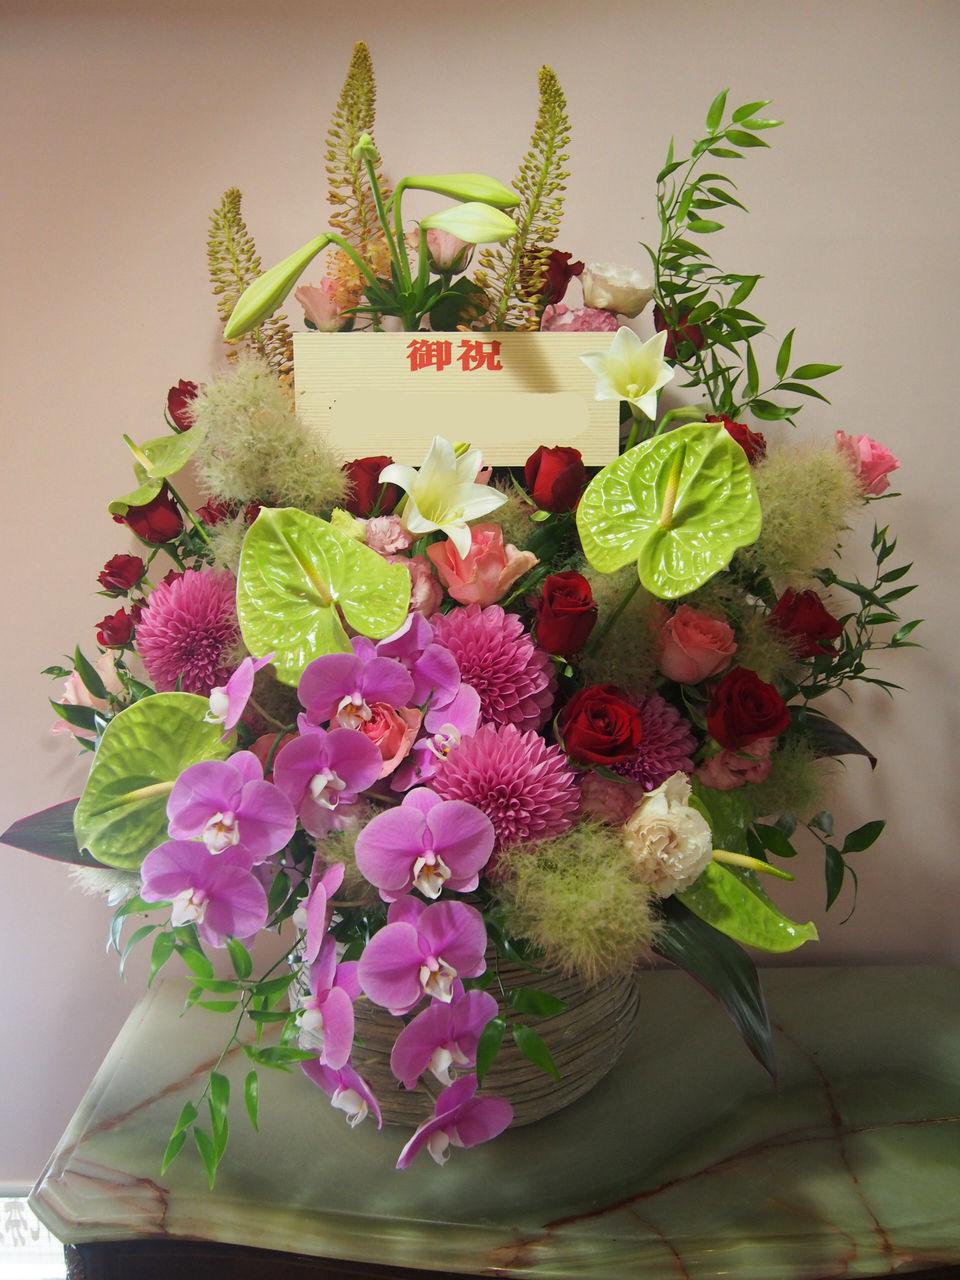 花ギフト|フラワーギフト|誕生日 花|カノシェ話題|スタンド花|ウエディングブーケ|花束|花屋|56290